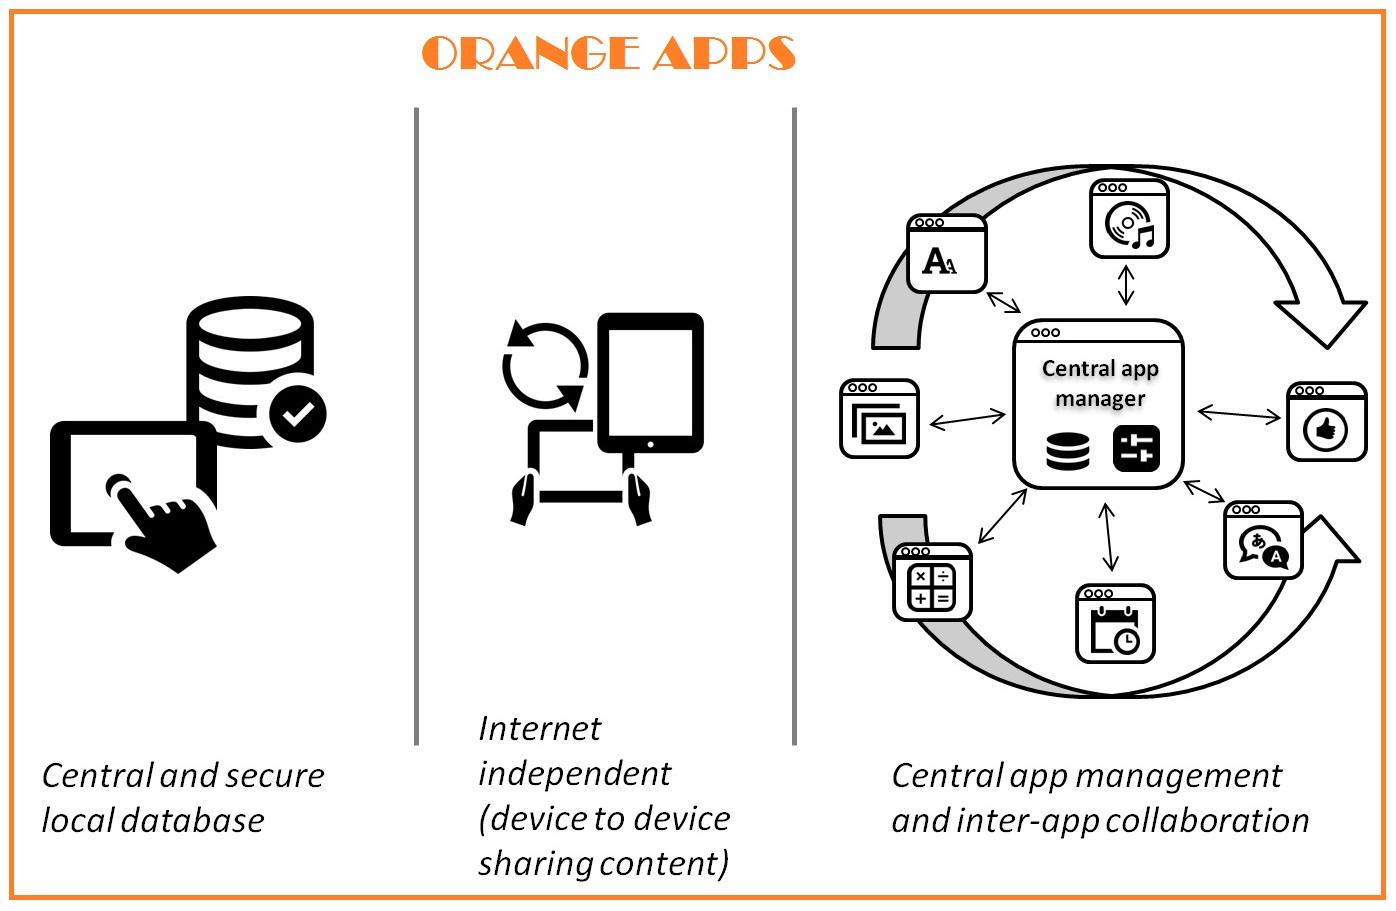 Orange apps: main advanteges